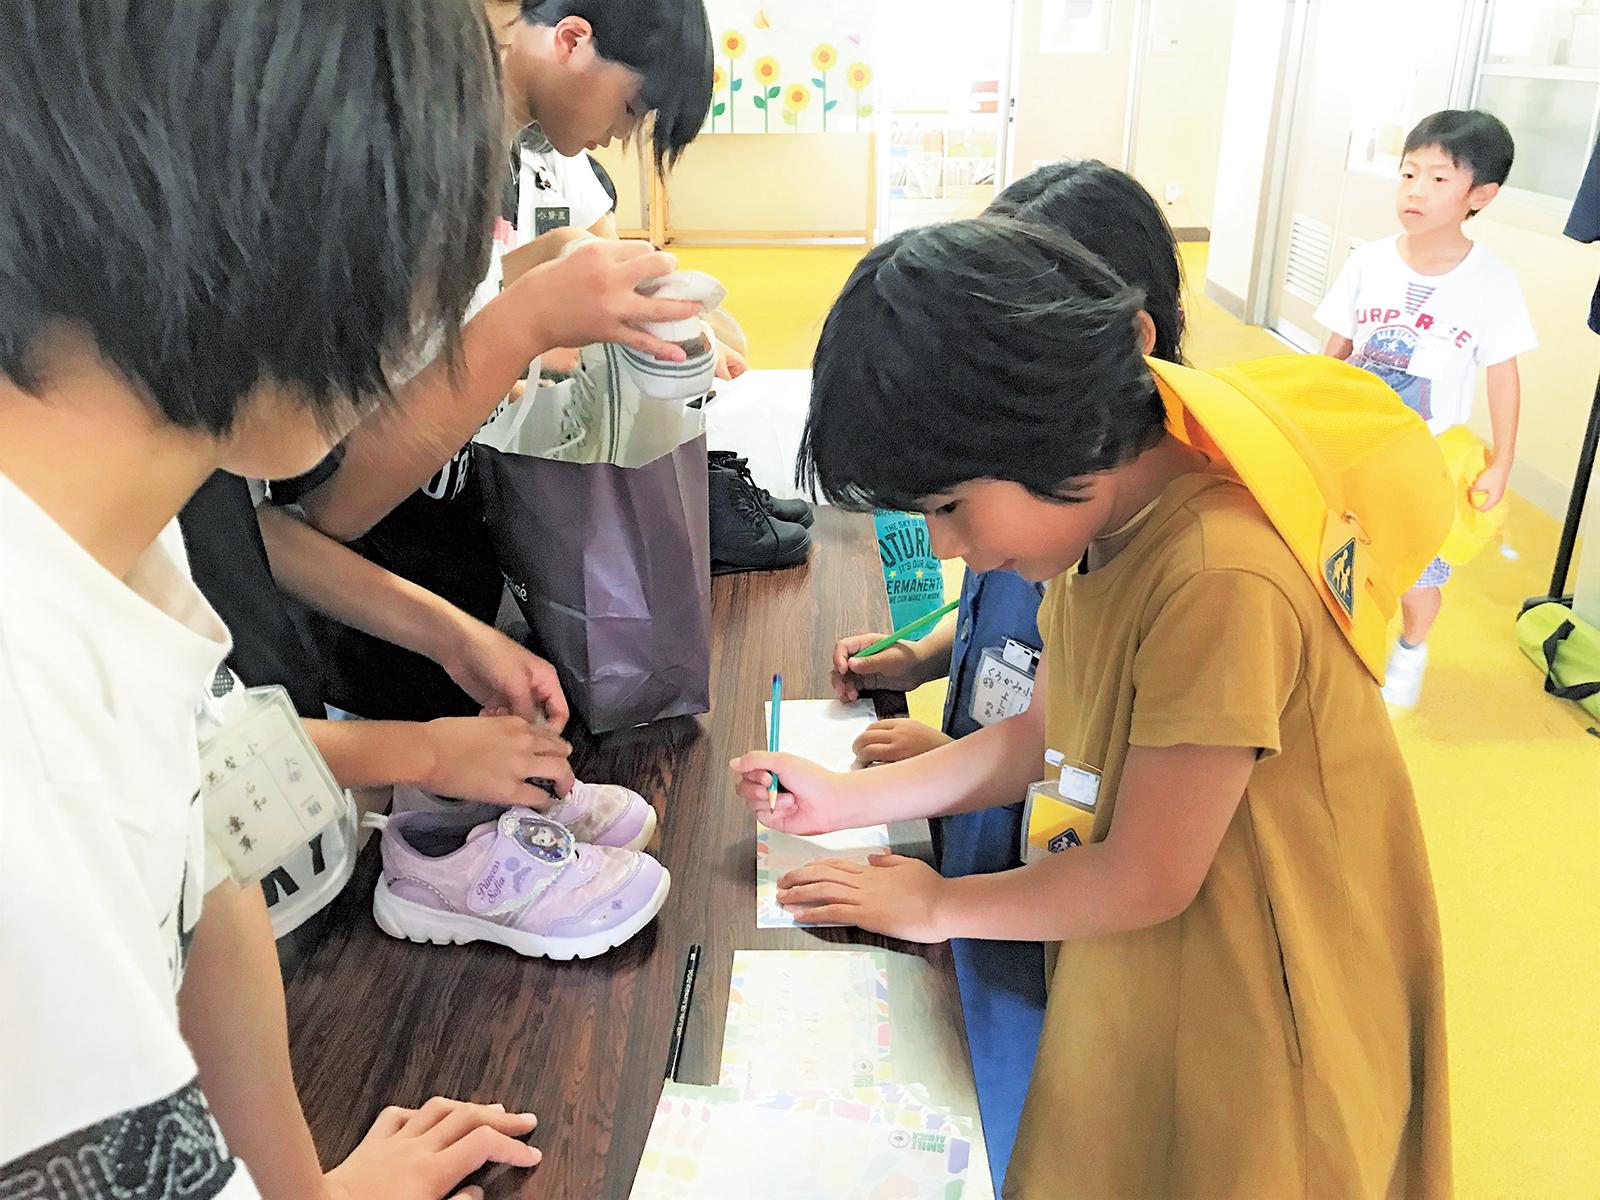 熊本市立黒髪小学校で行われたシューズ回収活動。児童数358人の学校で、外国籍の児童も多く、多様な国の児童同士、仲良く学んでいるという。環境教育にも力を入れている。